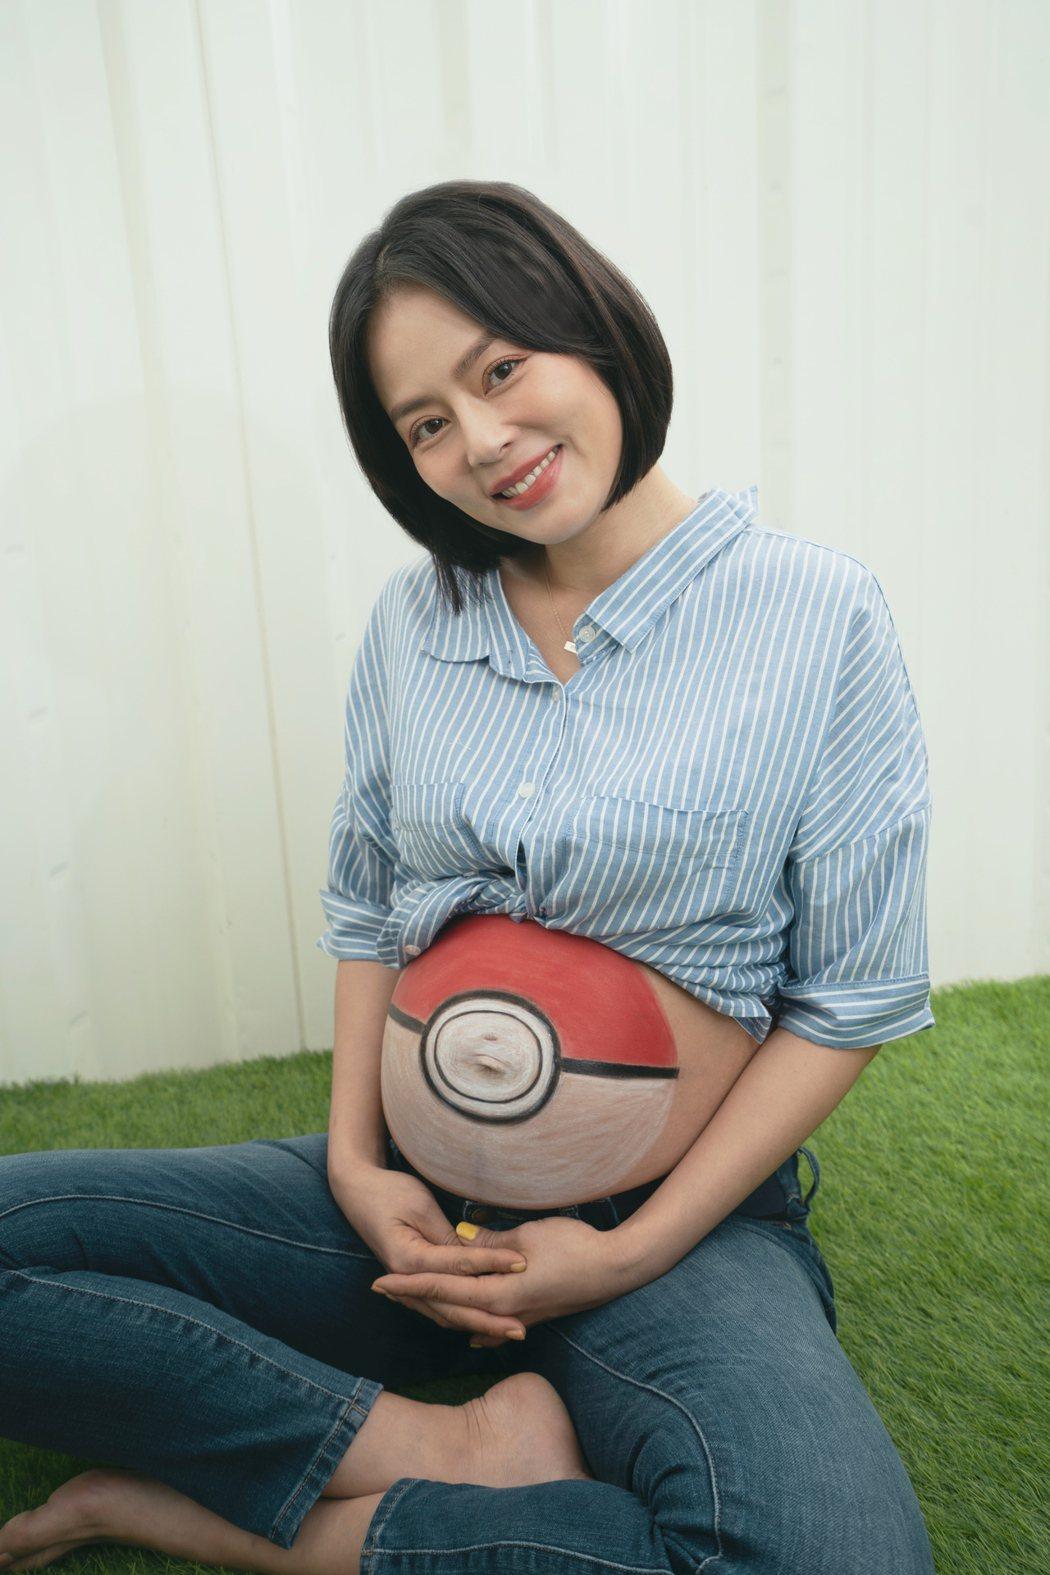 劉香慈生二胎前拍攝逗趣孕婦寫真。圖/動能意像提供